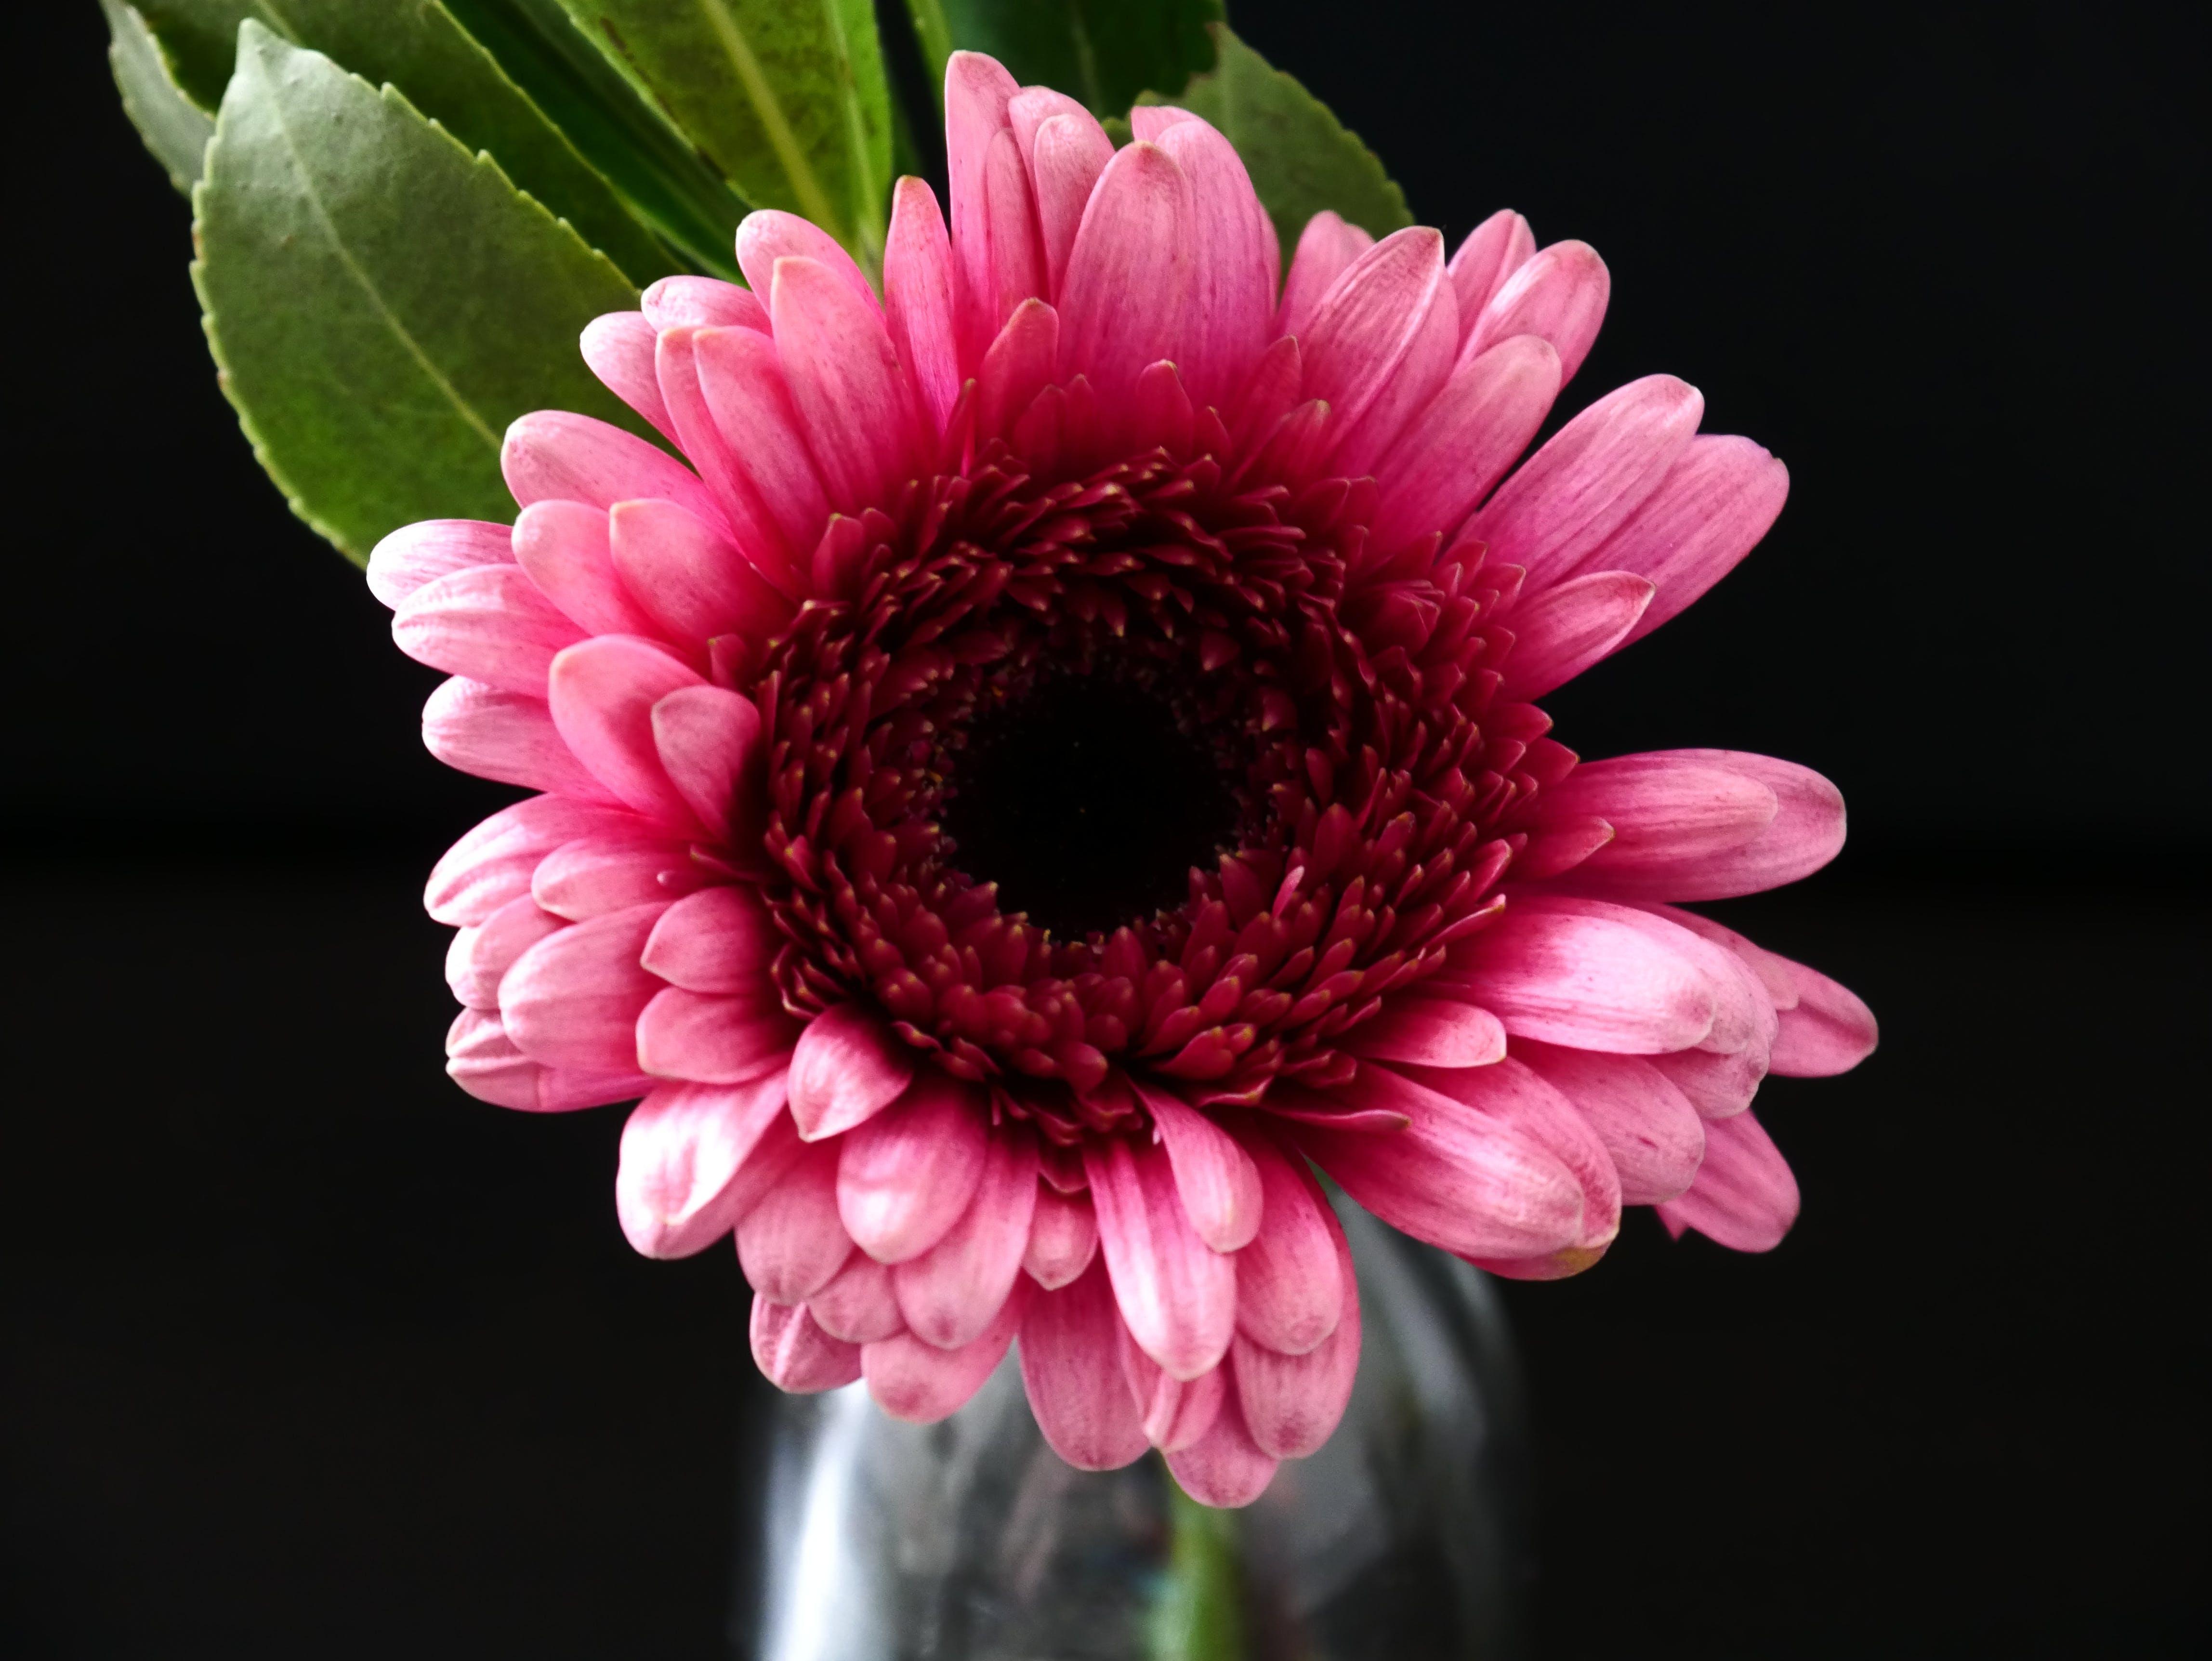 Close-Up Photography of Pink Gerbera